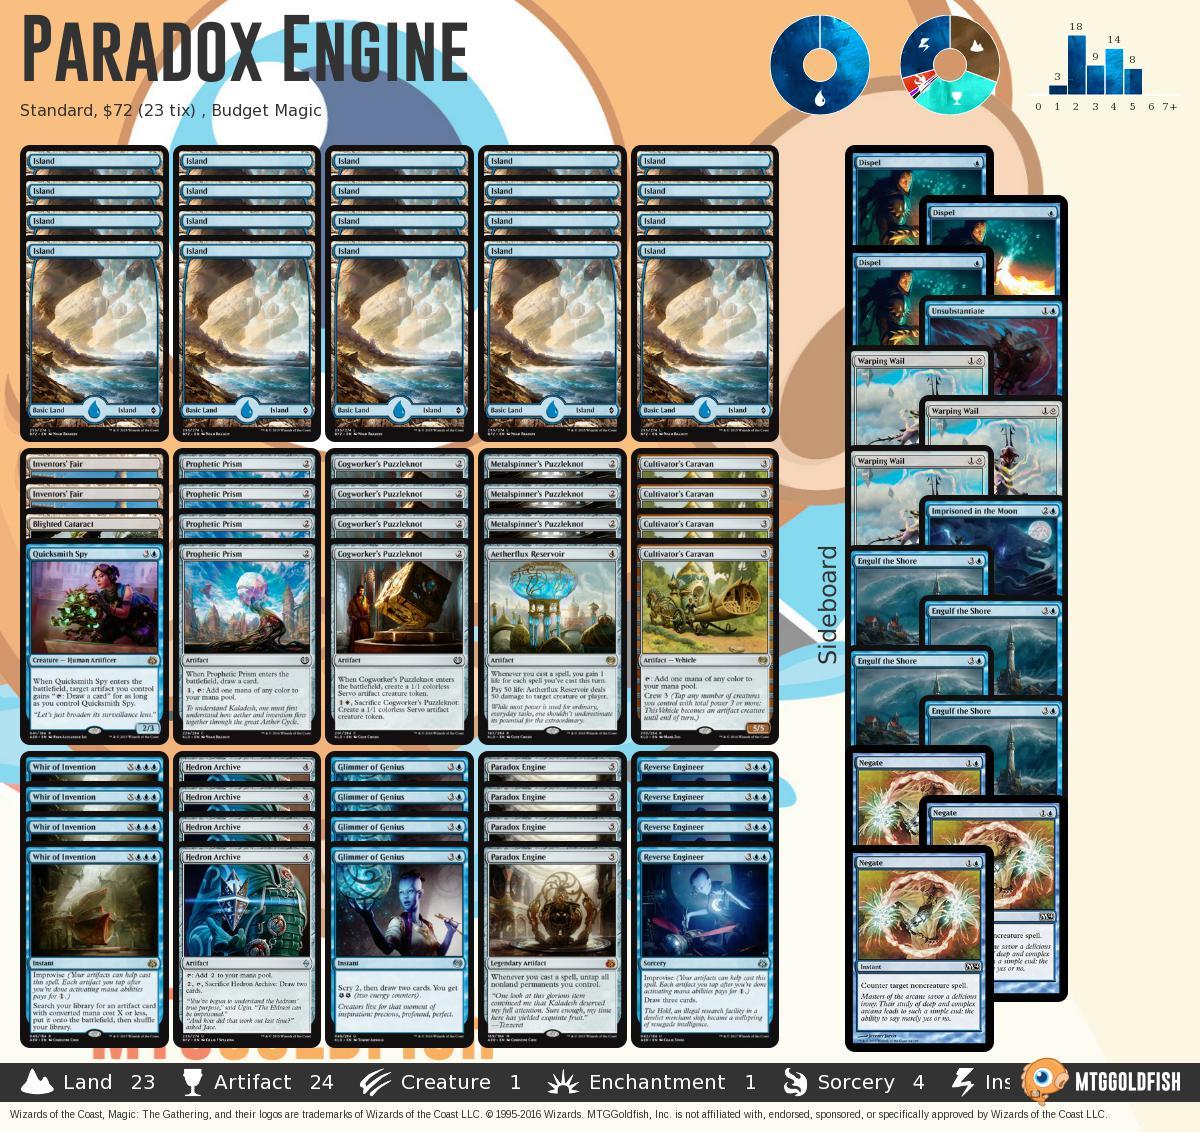 Paradox%2bengine e1e7a25b 156c 46d9 94ae 44440ccf8cb9%2ejpg